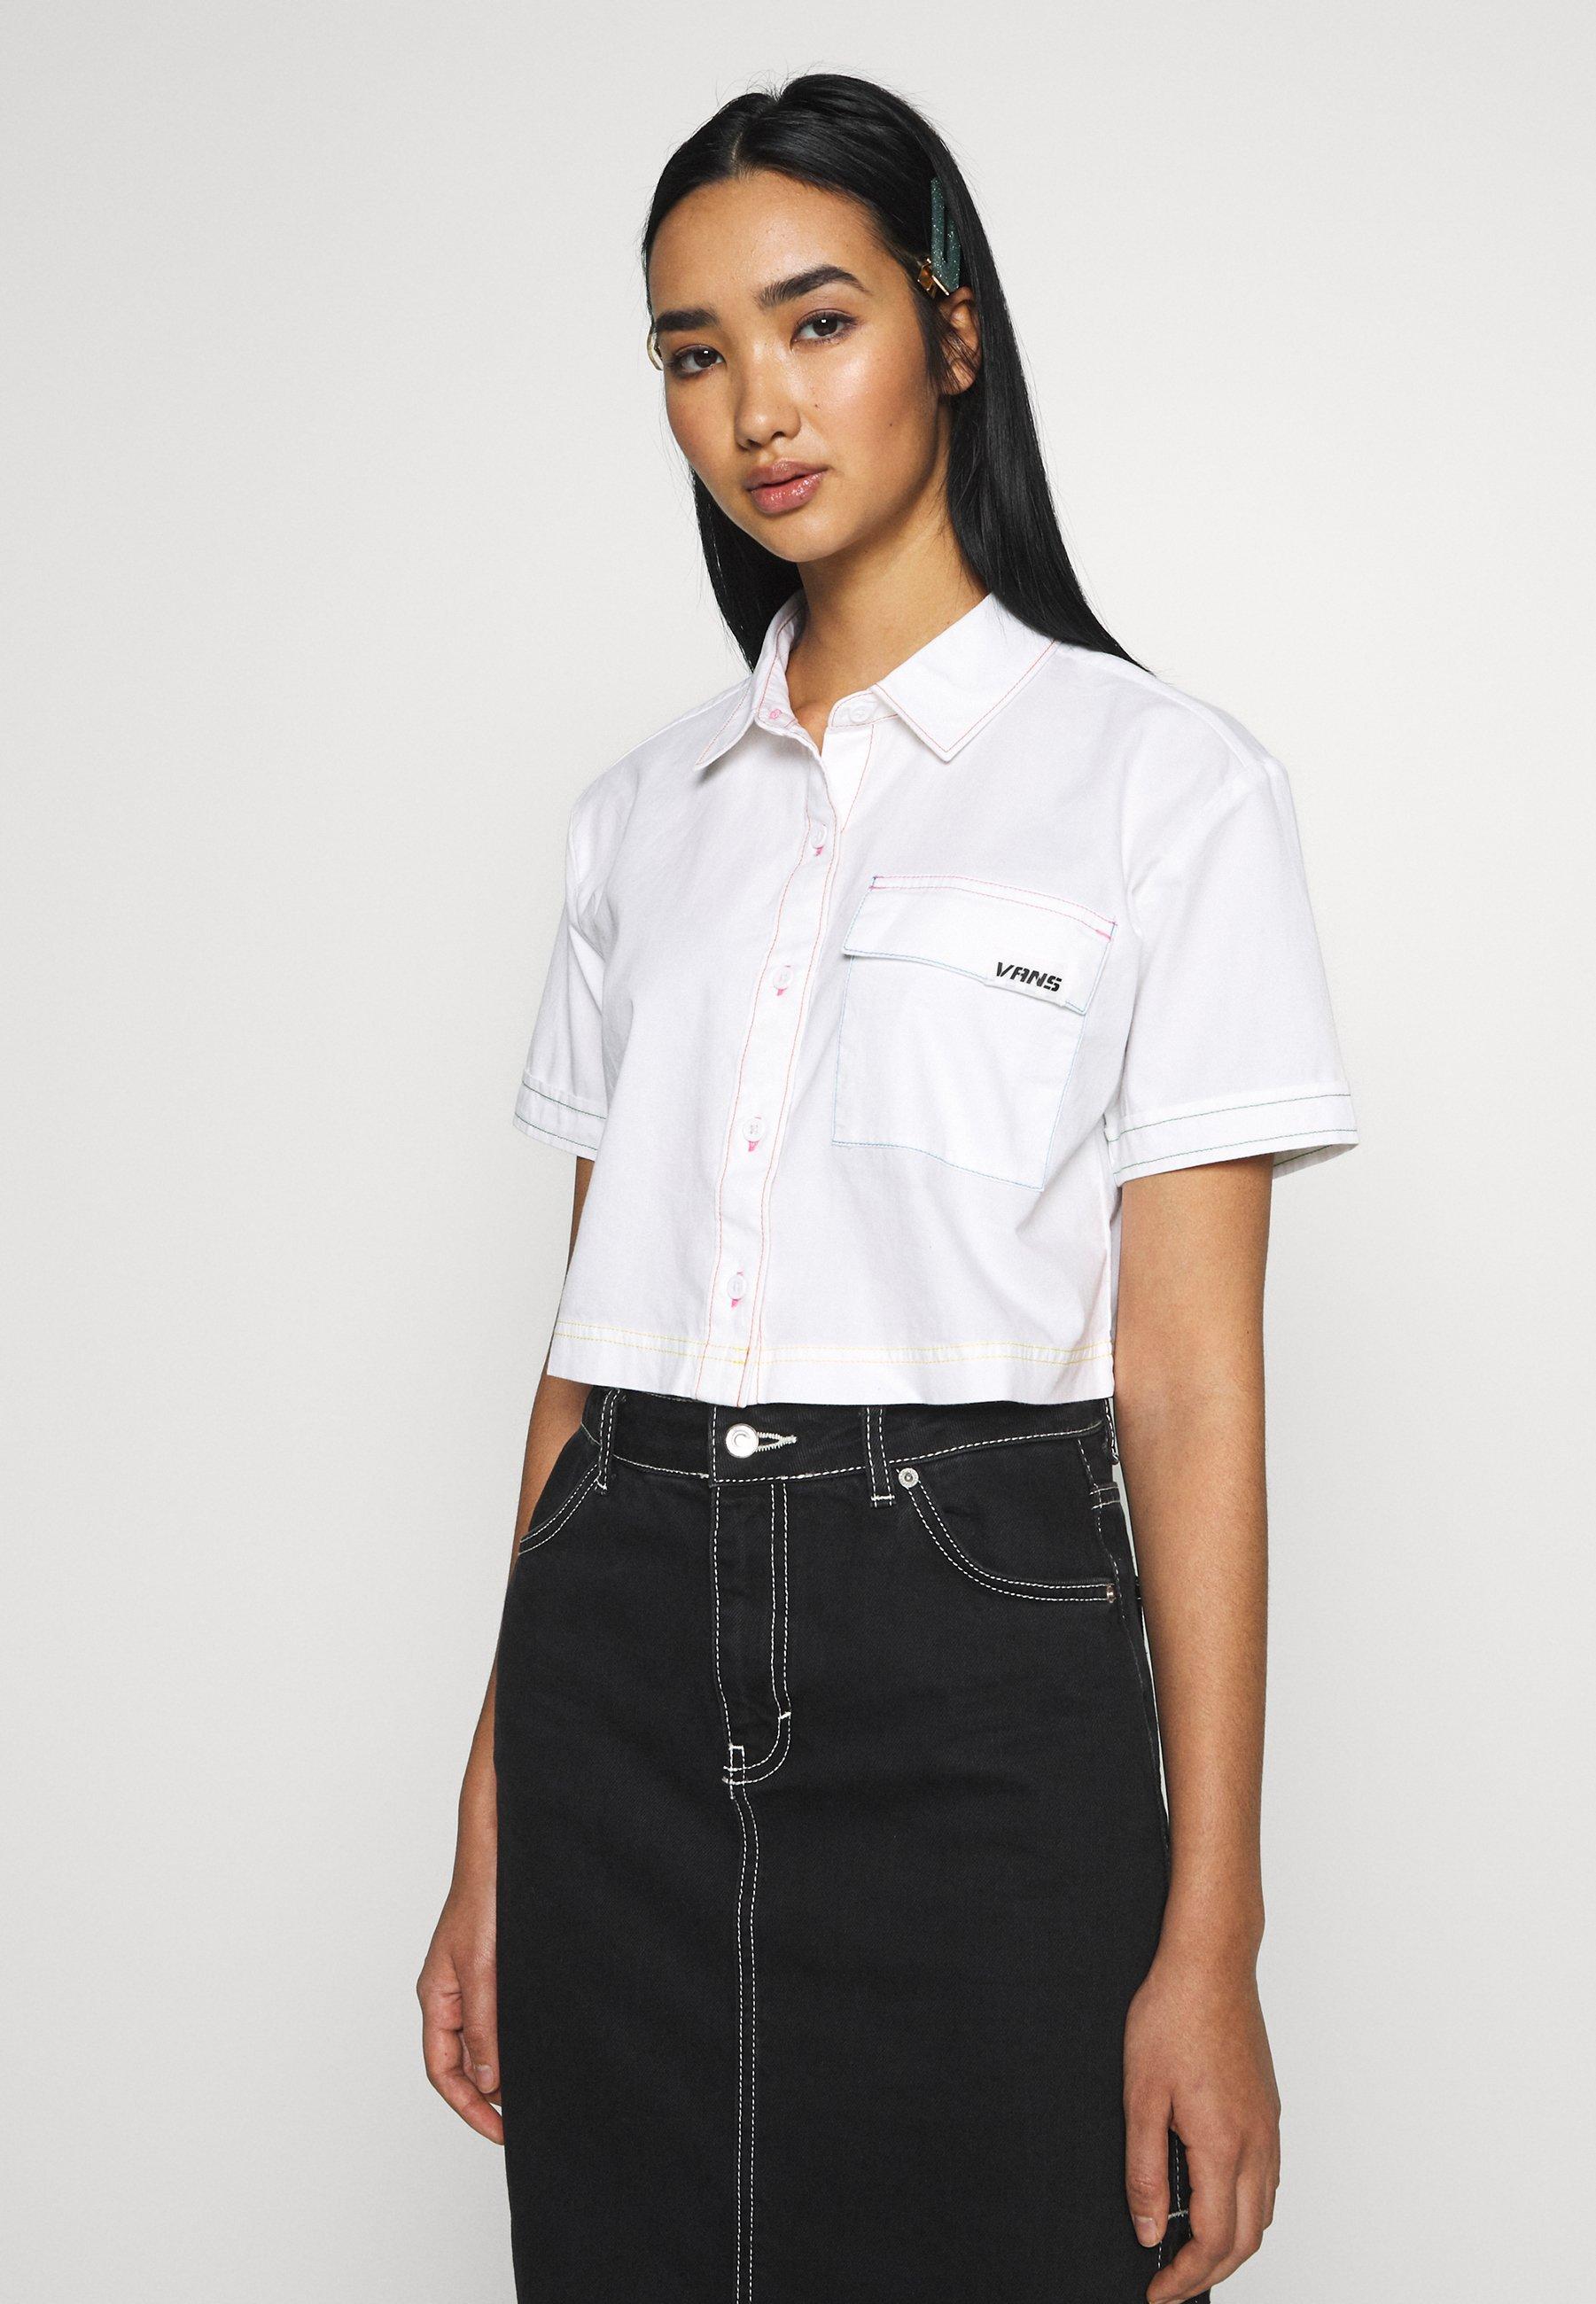 chemise femme vans